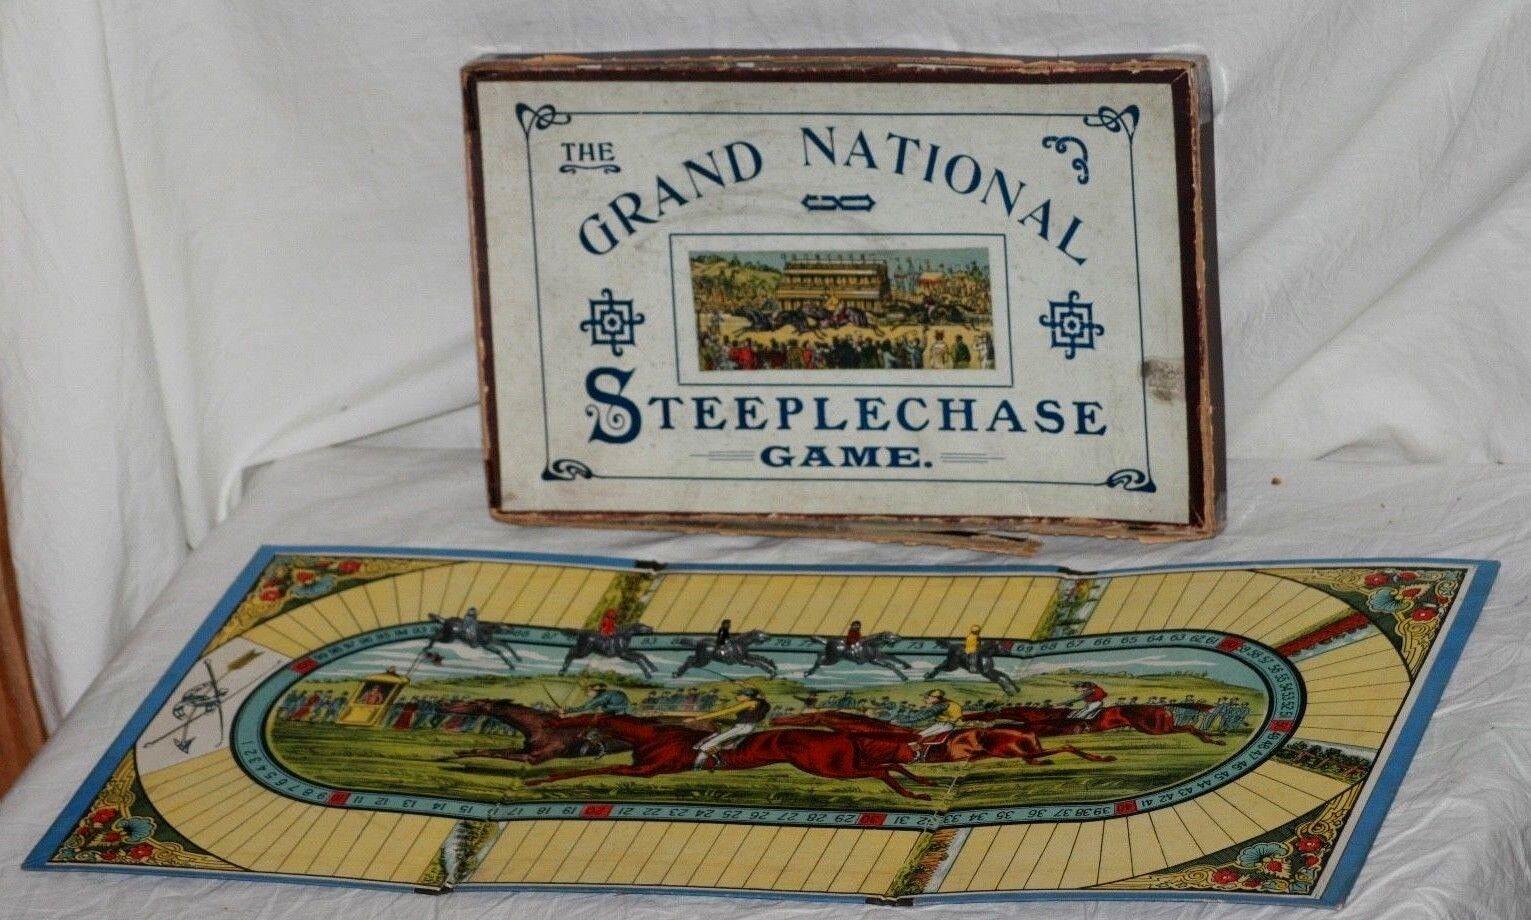 Selten circa 1880's-90 ist  das jagdrennen grand national  - spiel